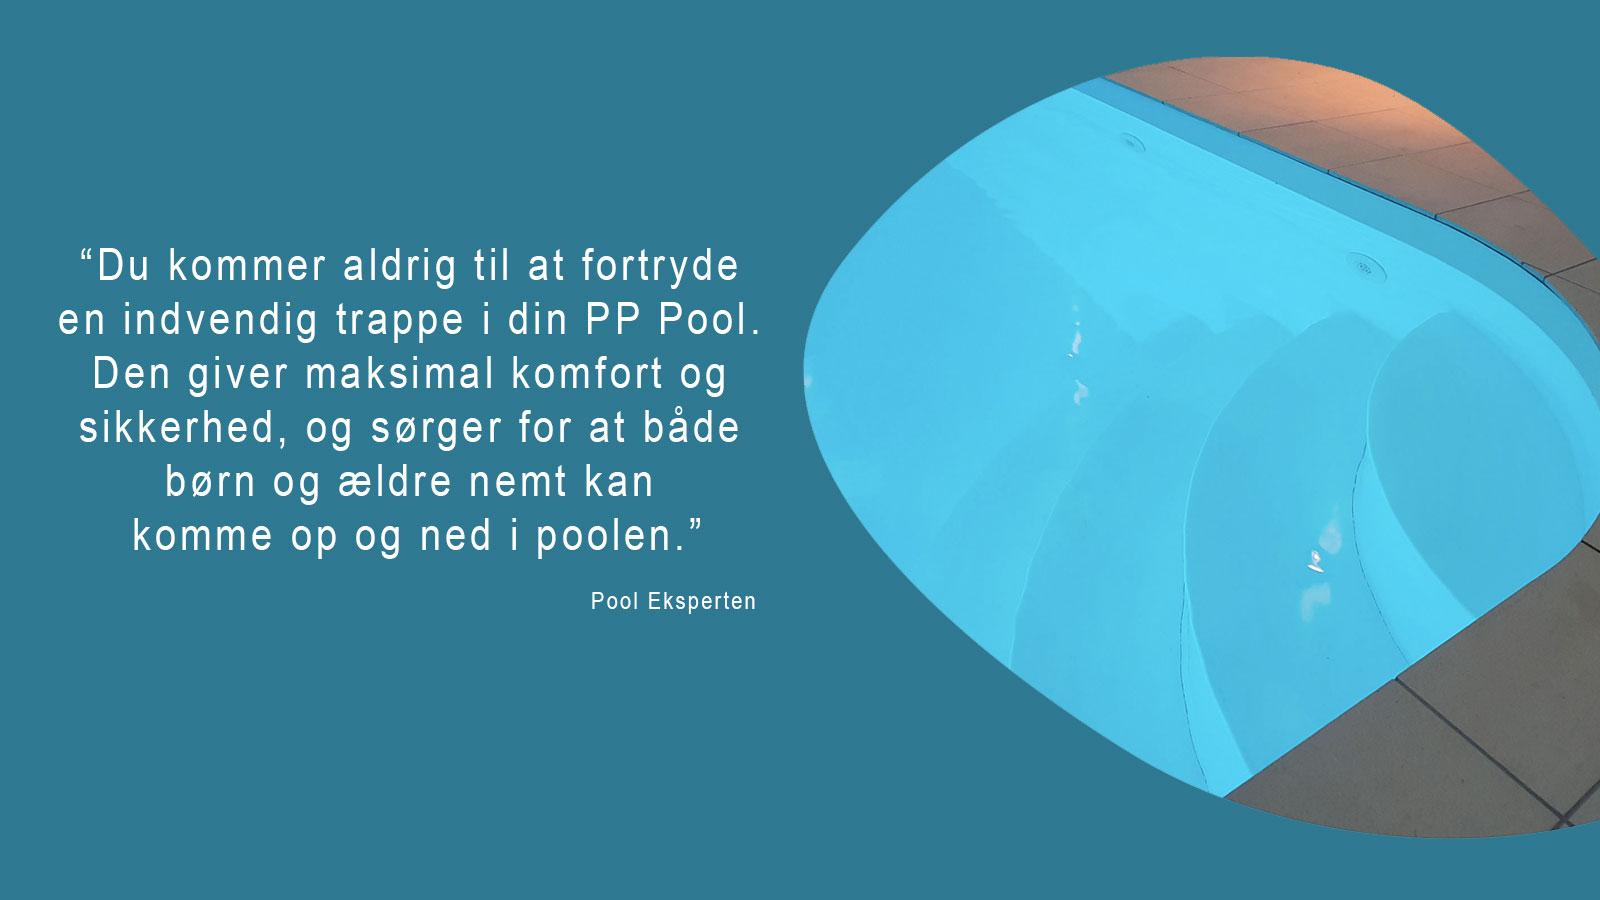 PP pool indvendig hjørnetrappe billede med citat